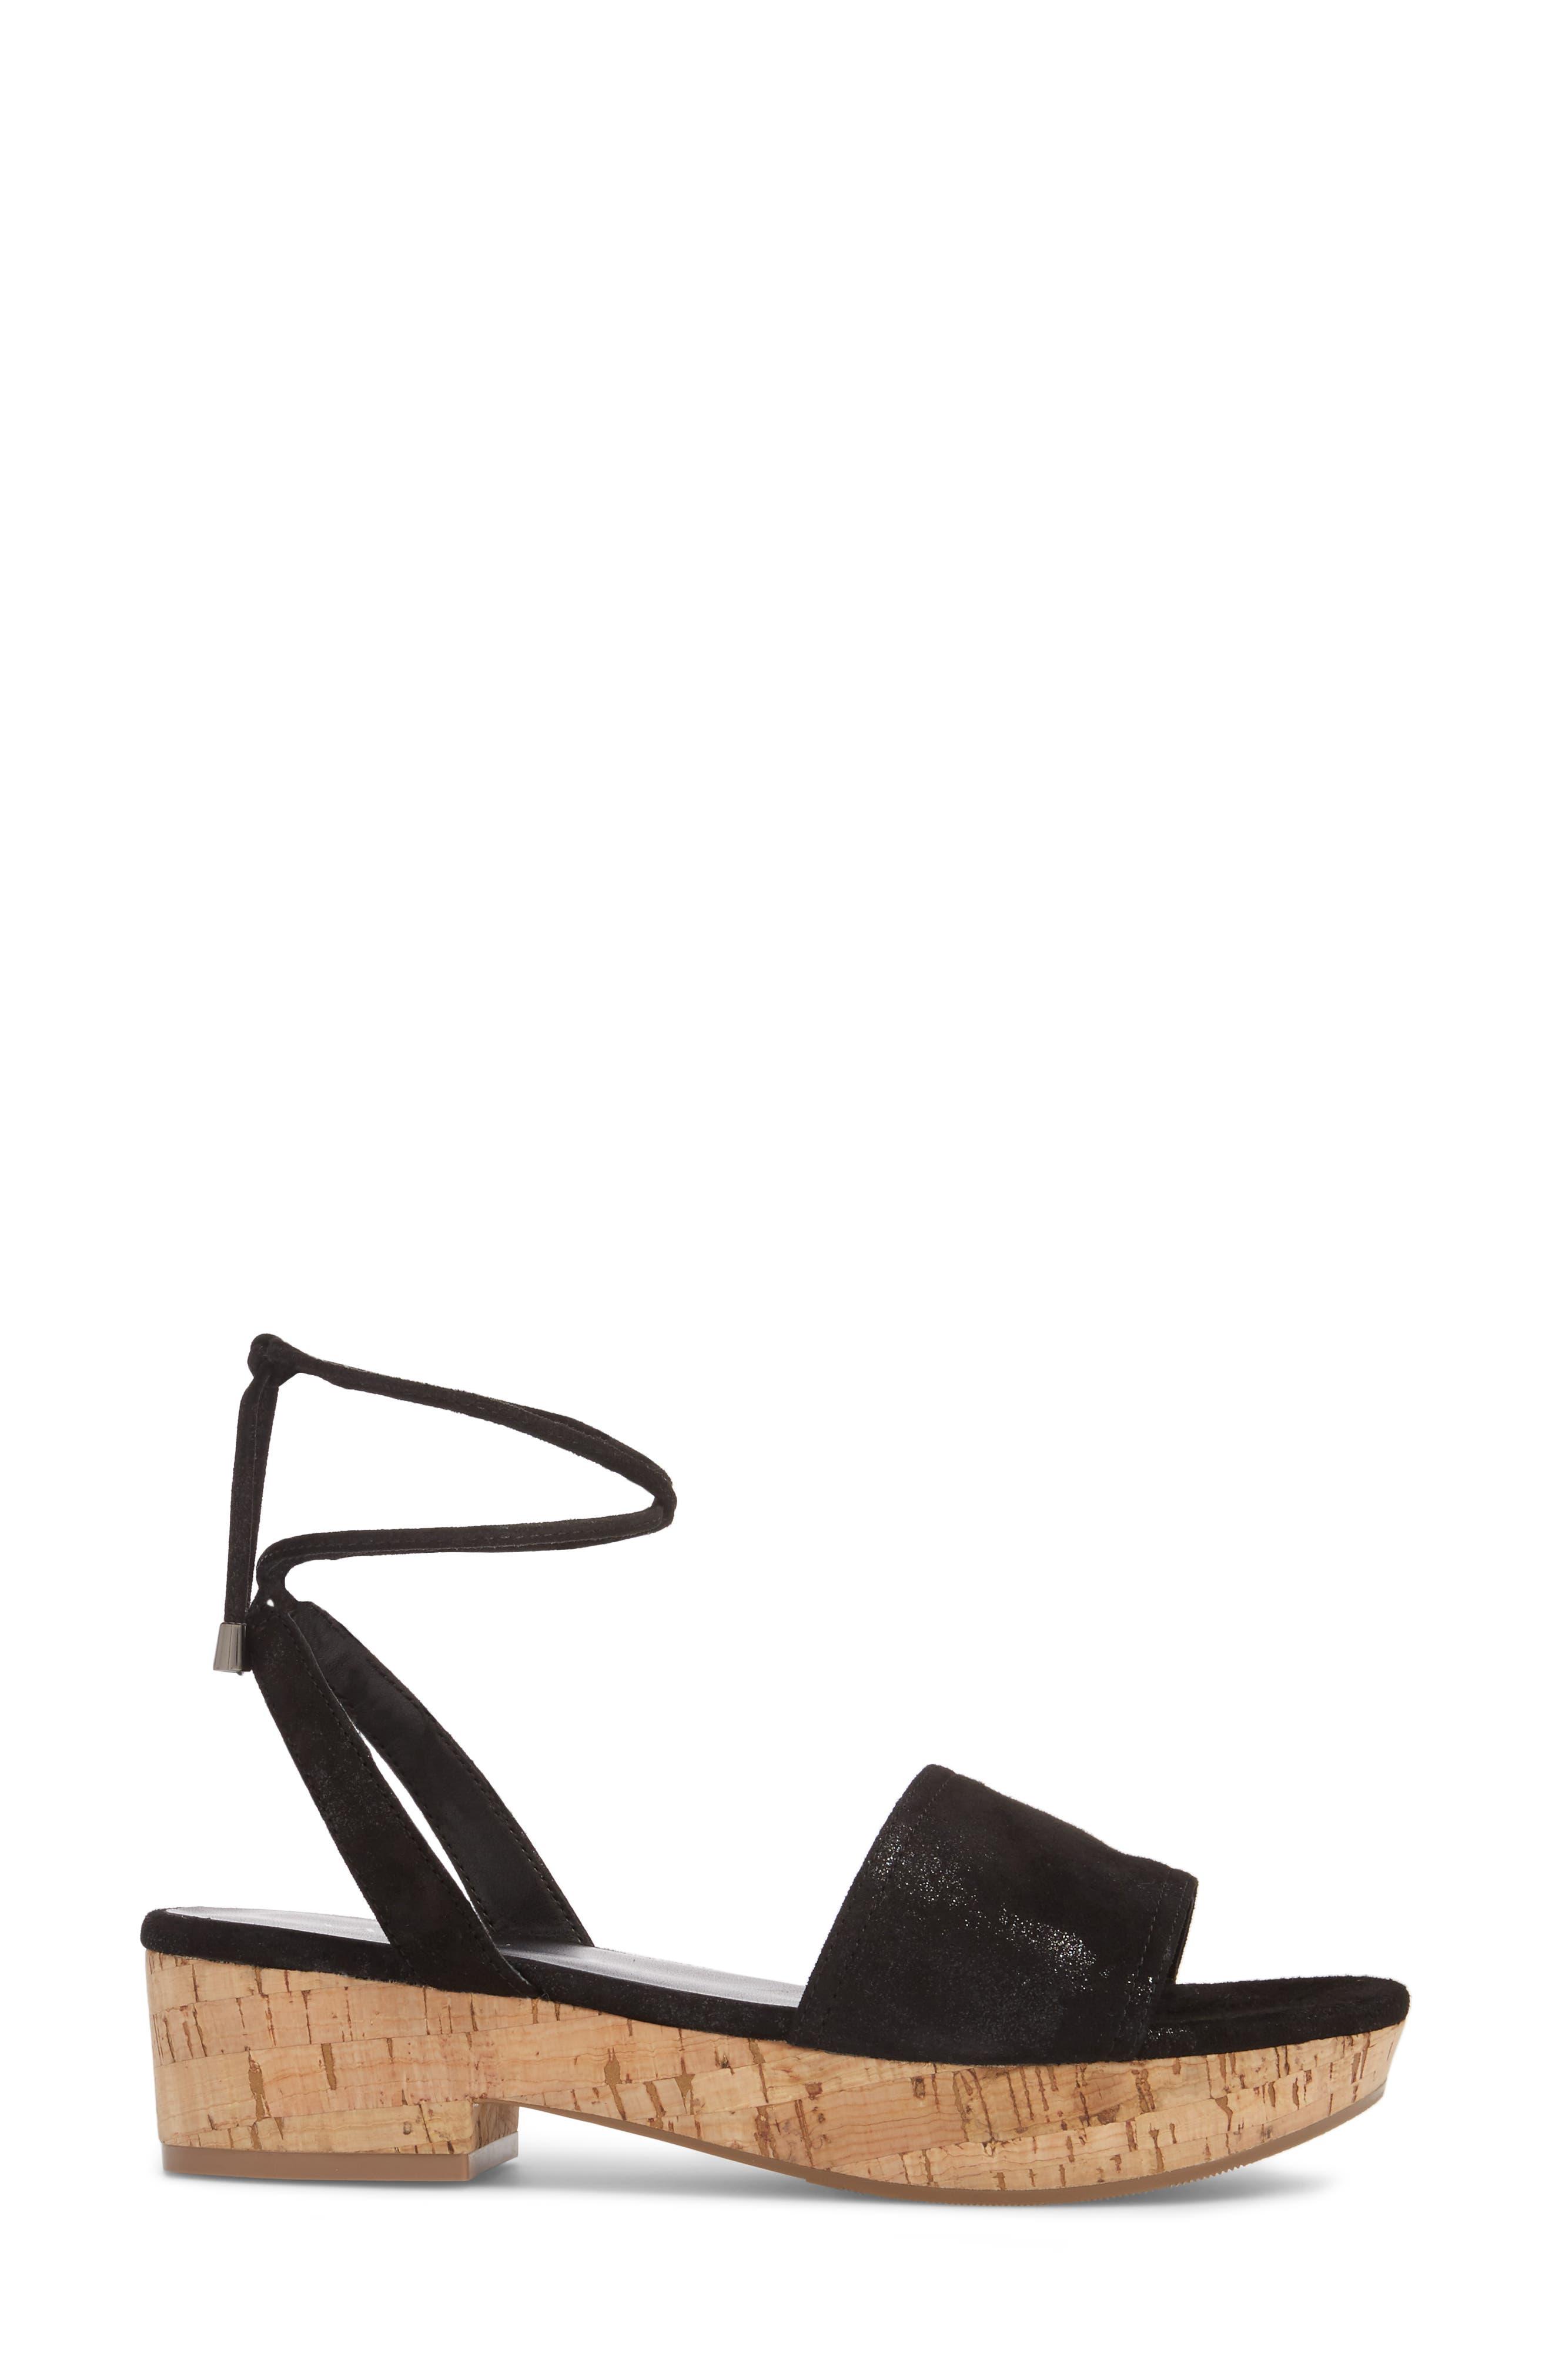 Saba Platform Sandal,                             Alternate thumbnail 3, color,                             Black Printed Suede